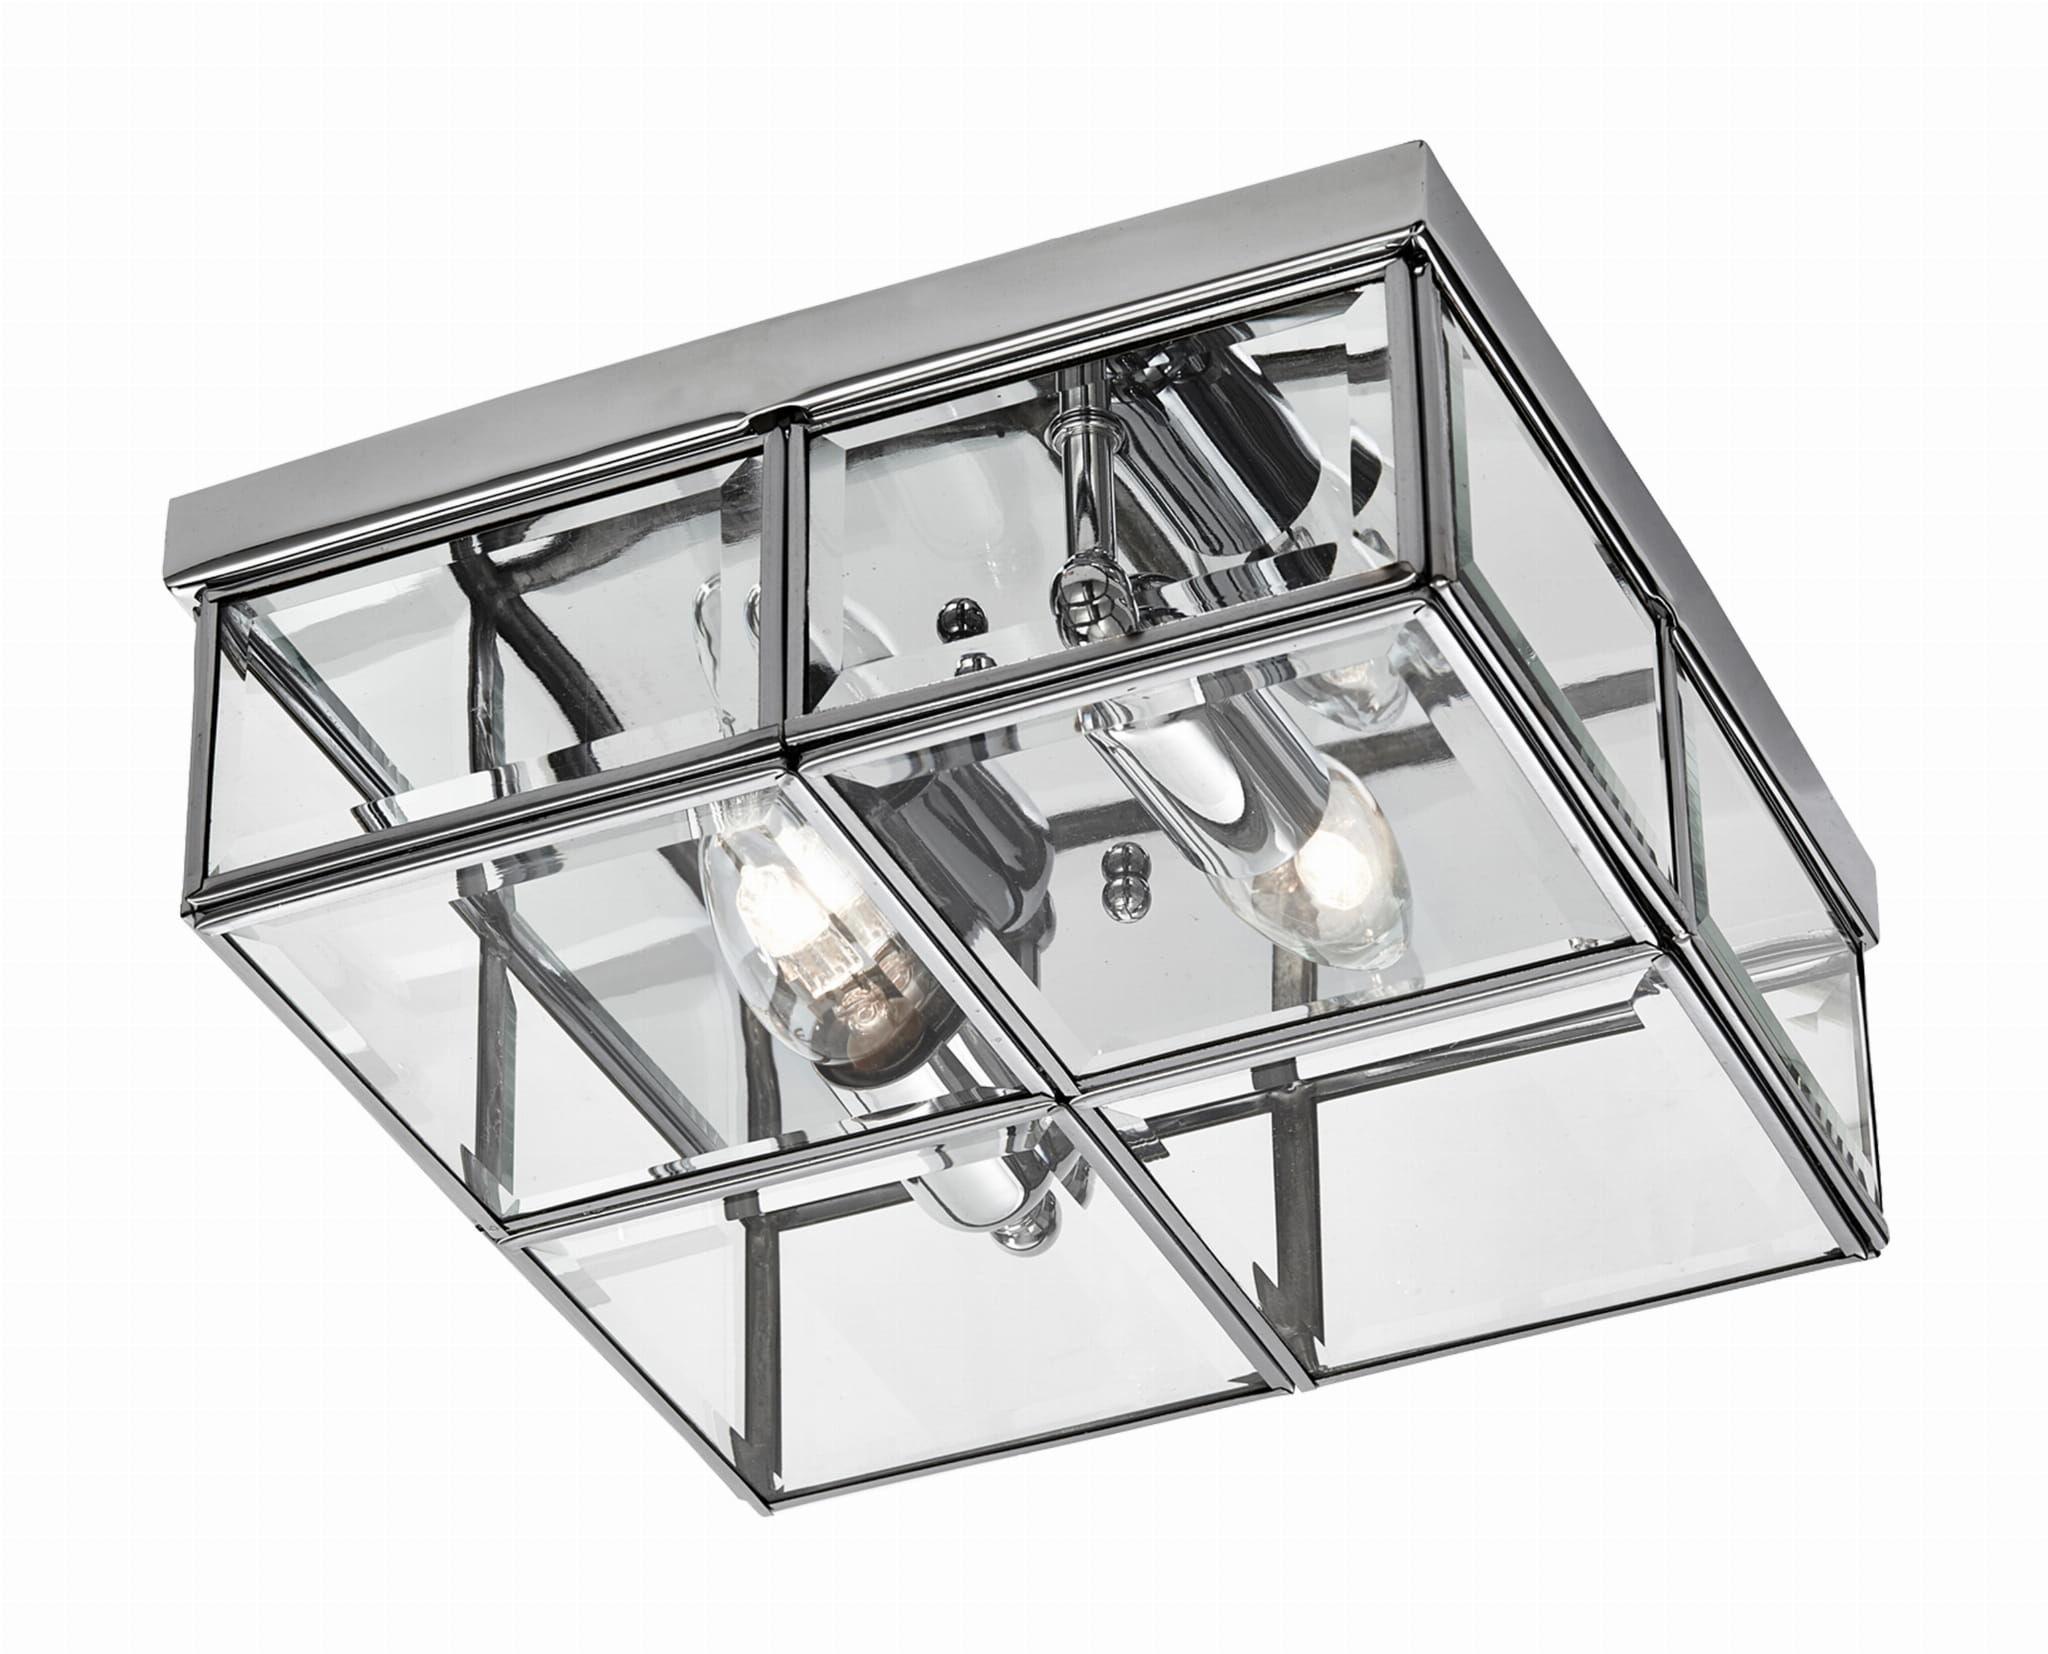 Light Prestige Monza LP-2323/2C plafon lampa sufitowa metalowa klosz szklany kafelki transparentny 2x40W E14 30cm